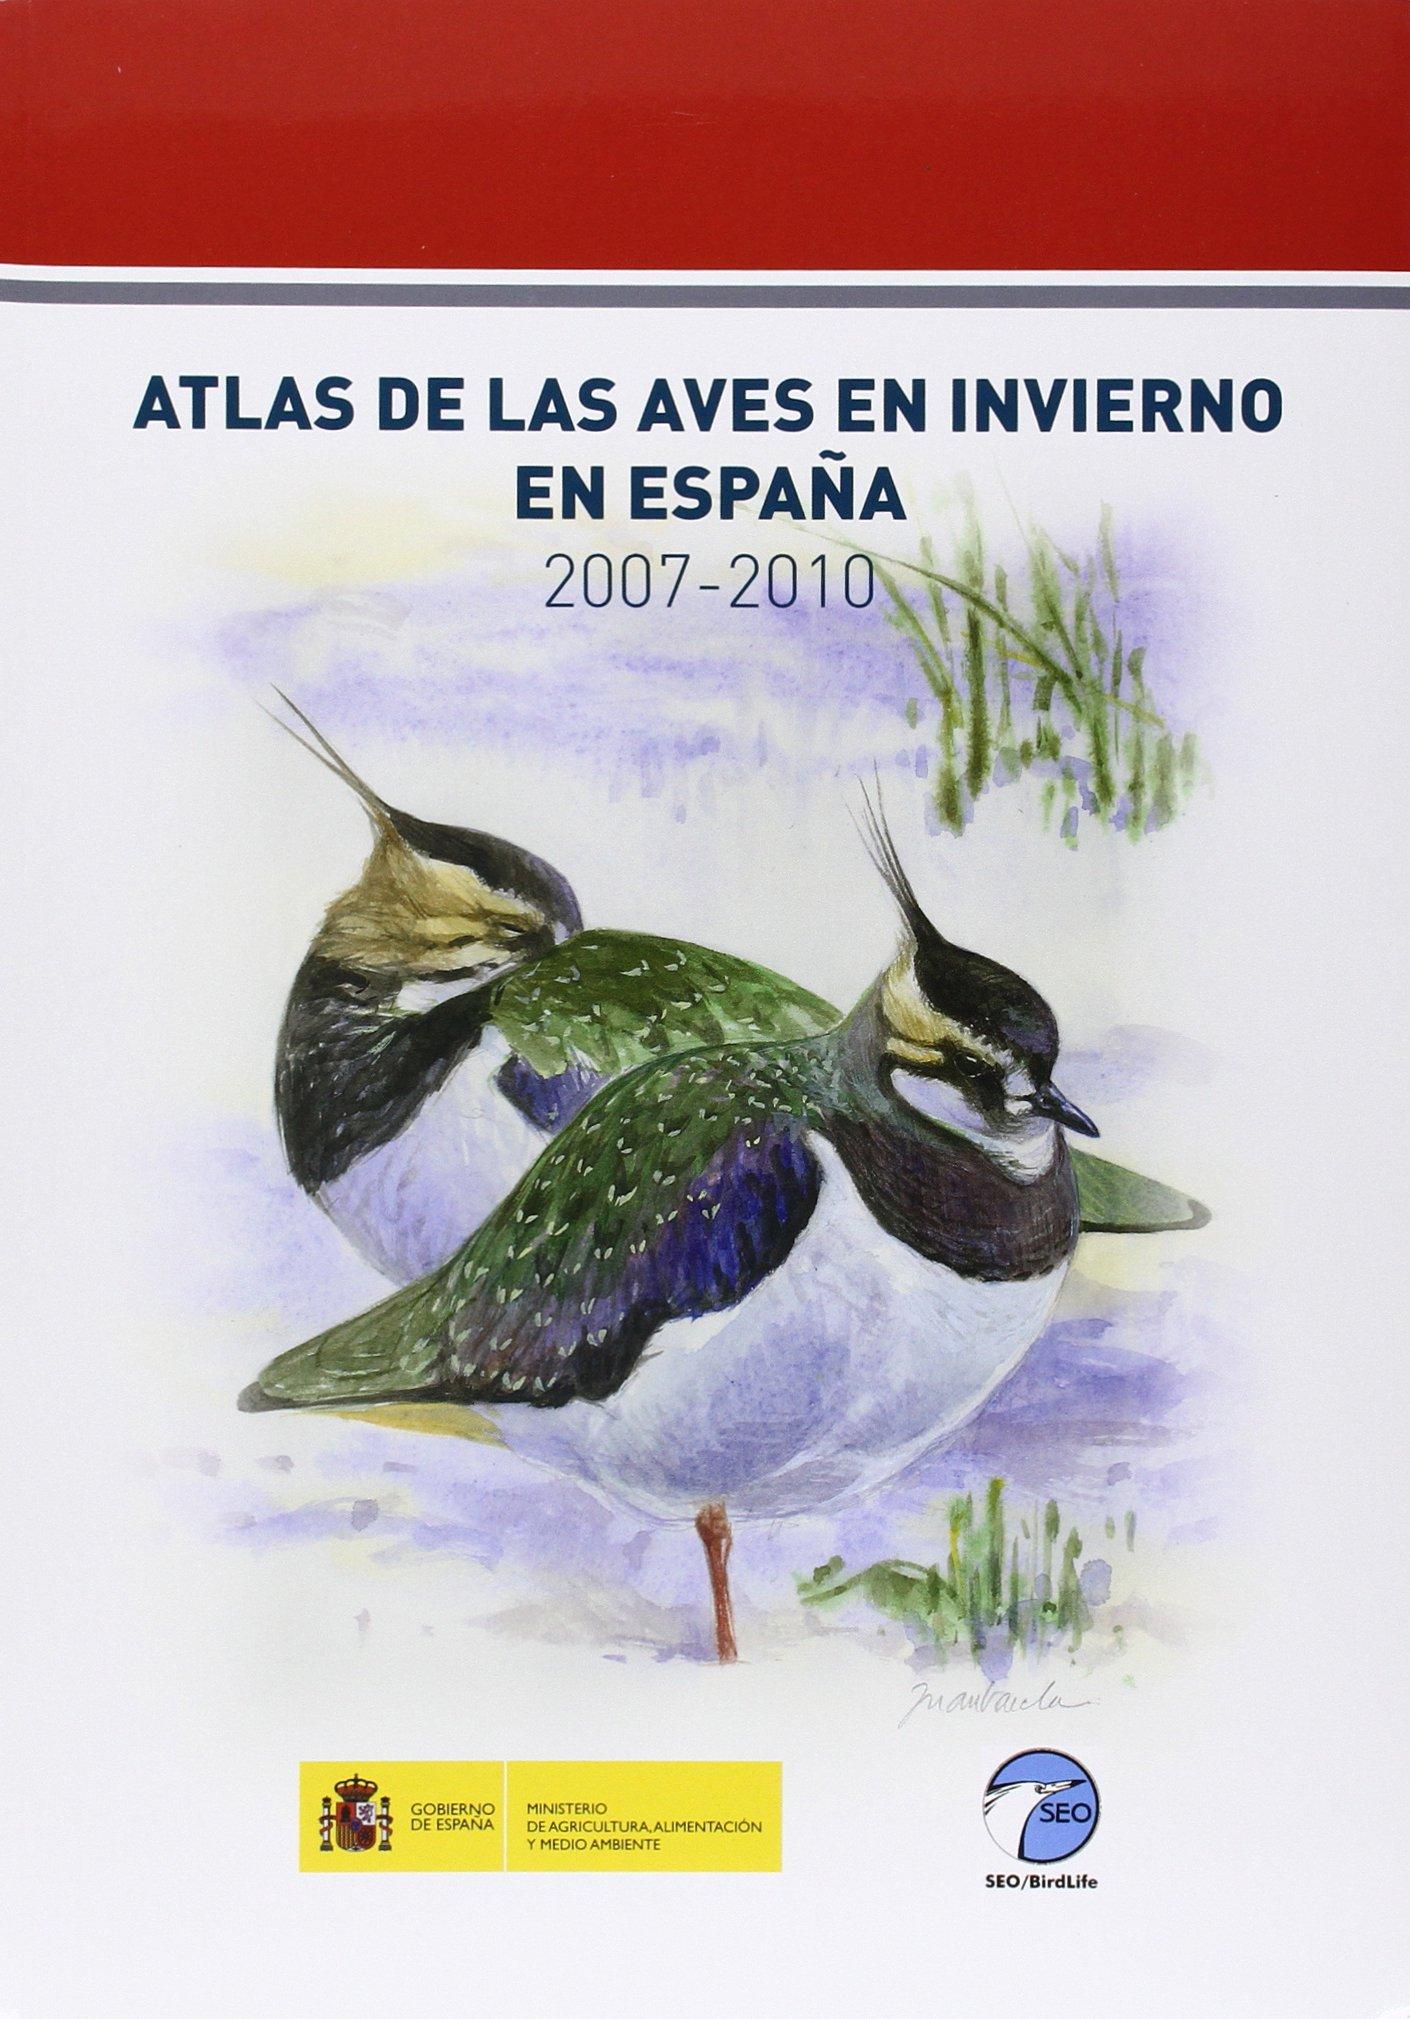 ATLAS DE LAS AVES EN INVIERNO EN ESPAÑA: Amazon.es: VV.AA.: Libros